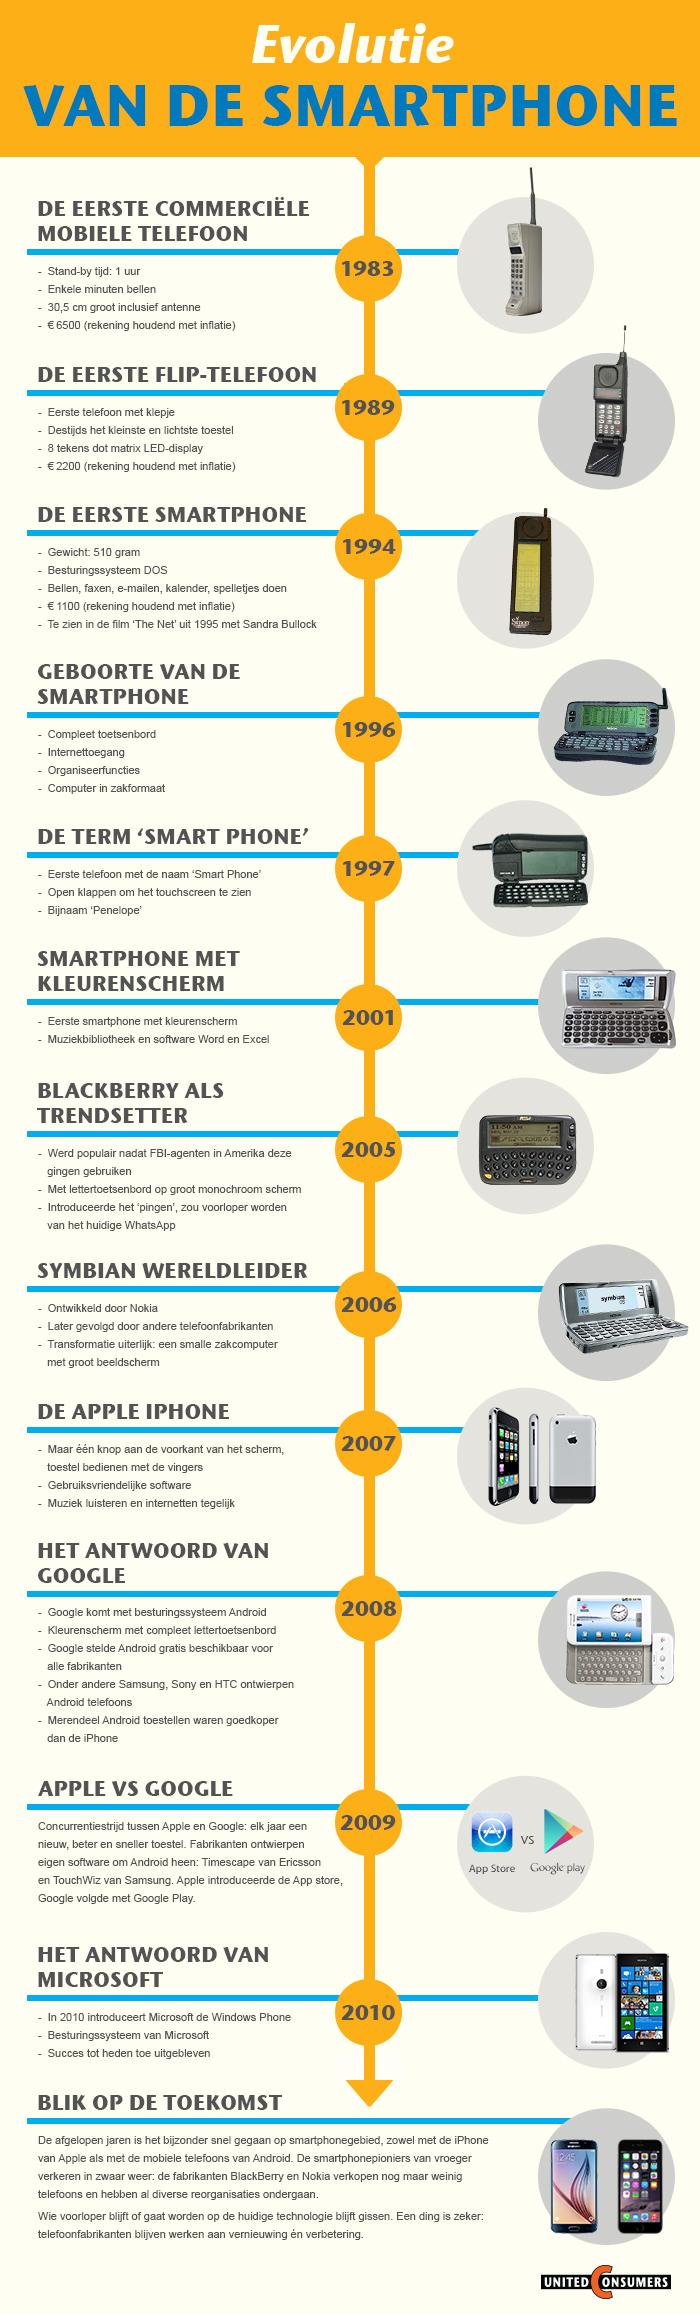 Infographic Geschiedenis Smarthphones